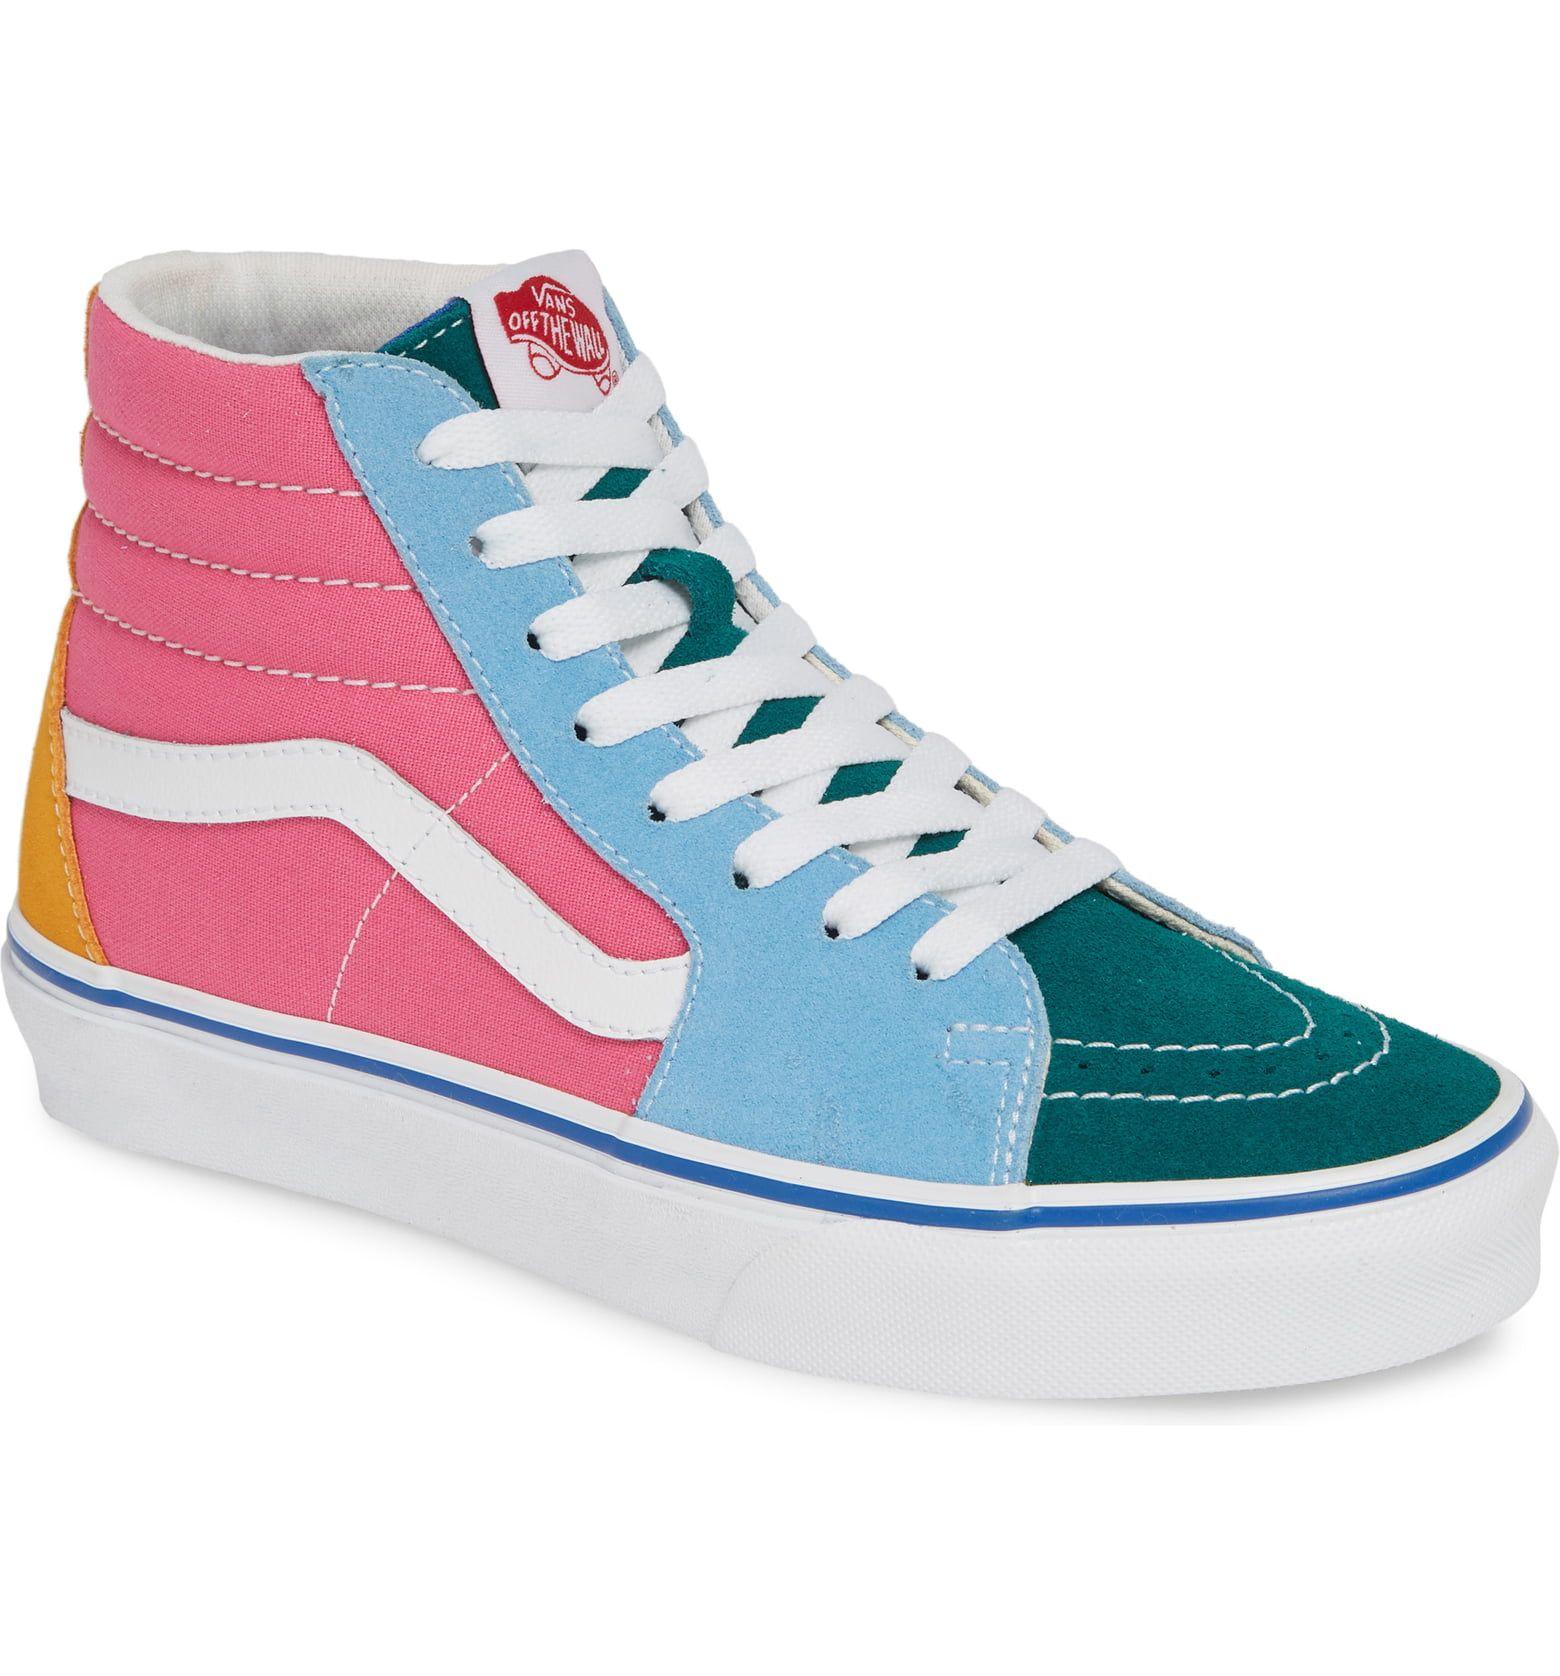 Vans Sk8-Hi Colorblock Sneaker (Women